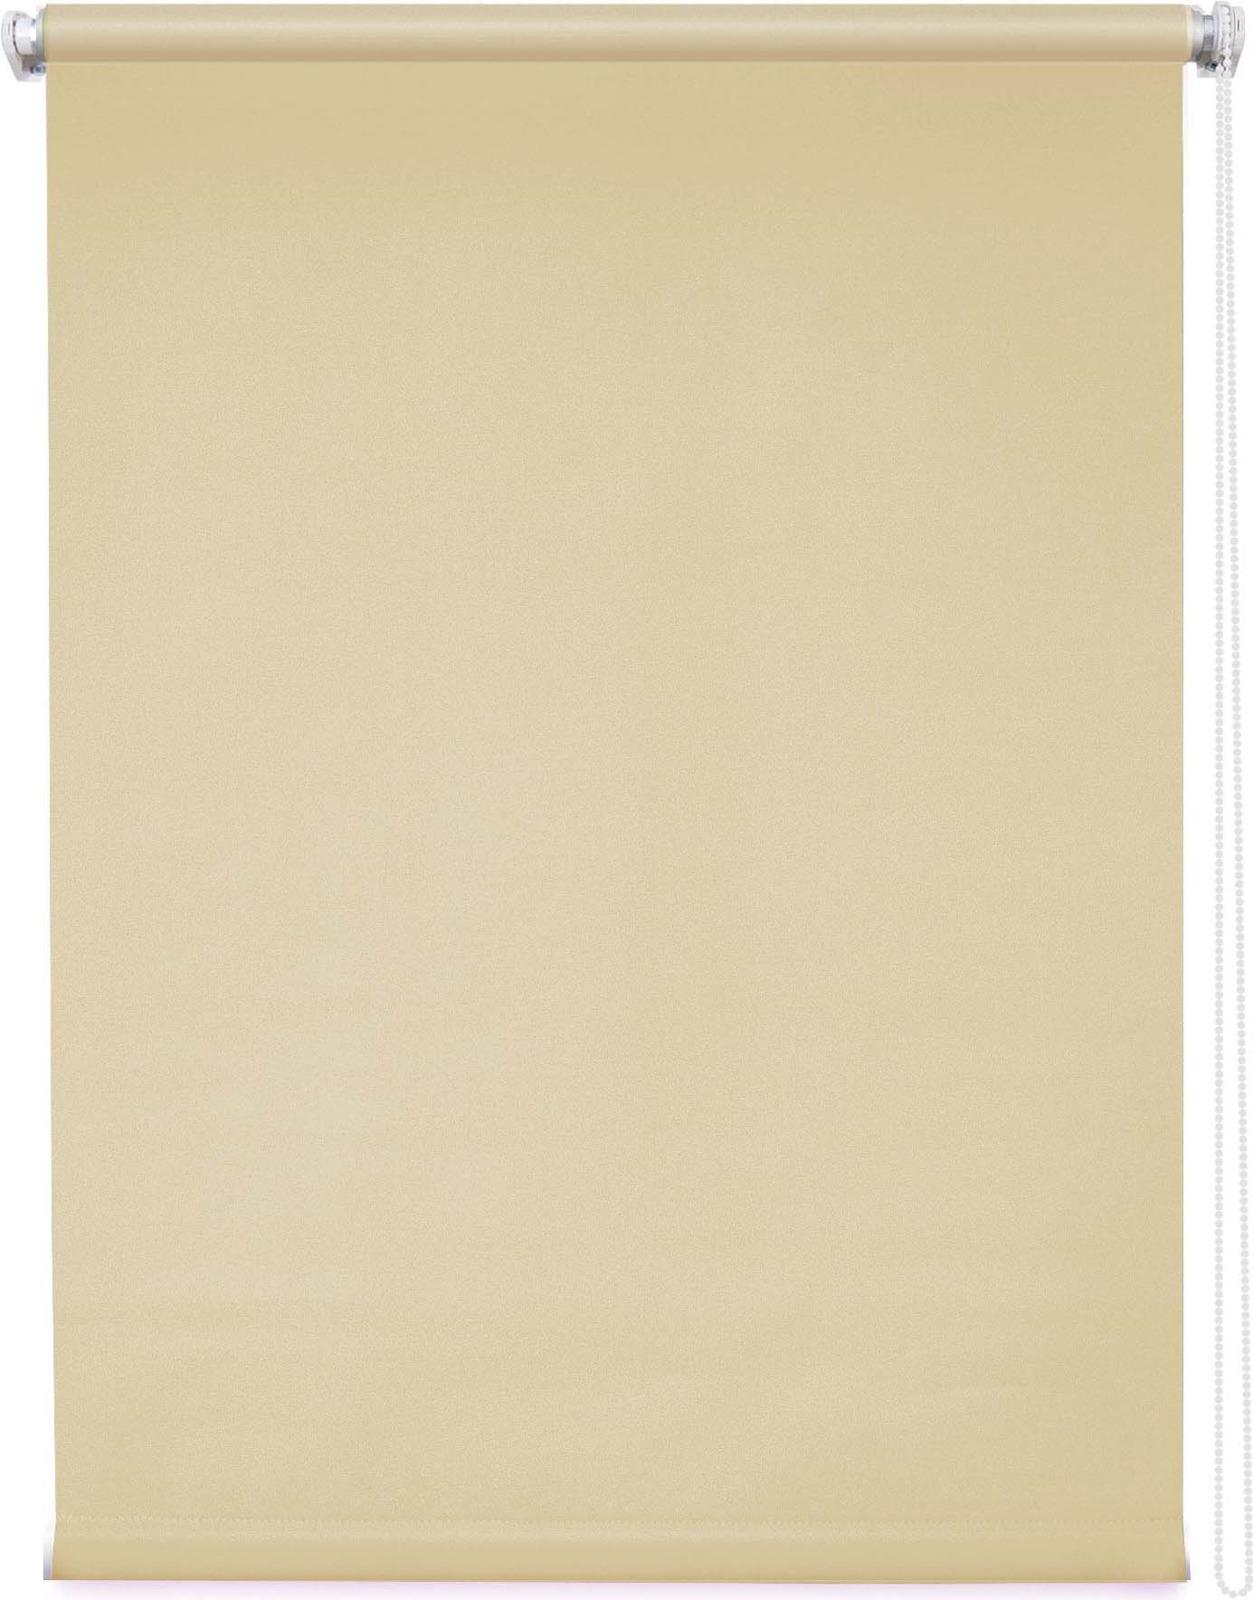 Штора рулонная Уют Плайн, ореховый, ширина 70 см, высота 175 см